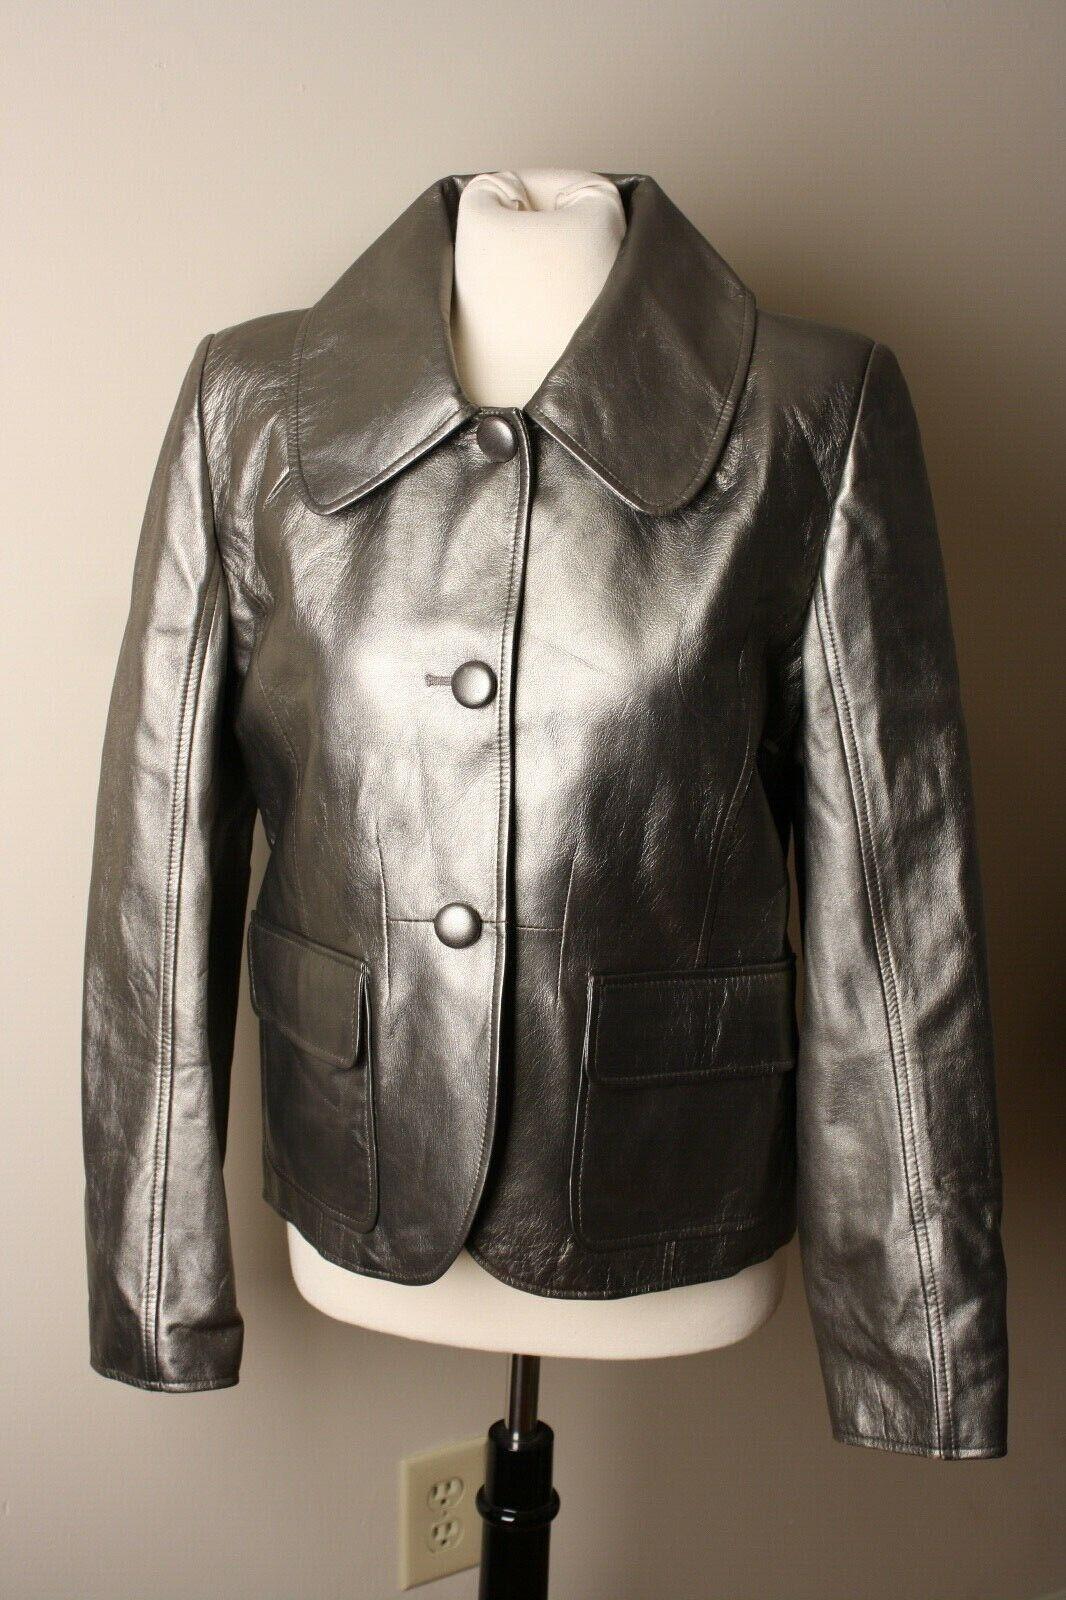 Phil luangrath NY L  abrigo chaqueta de cuero de plata del estaño  punto de venta barato